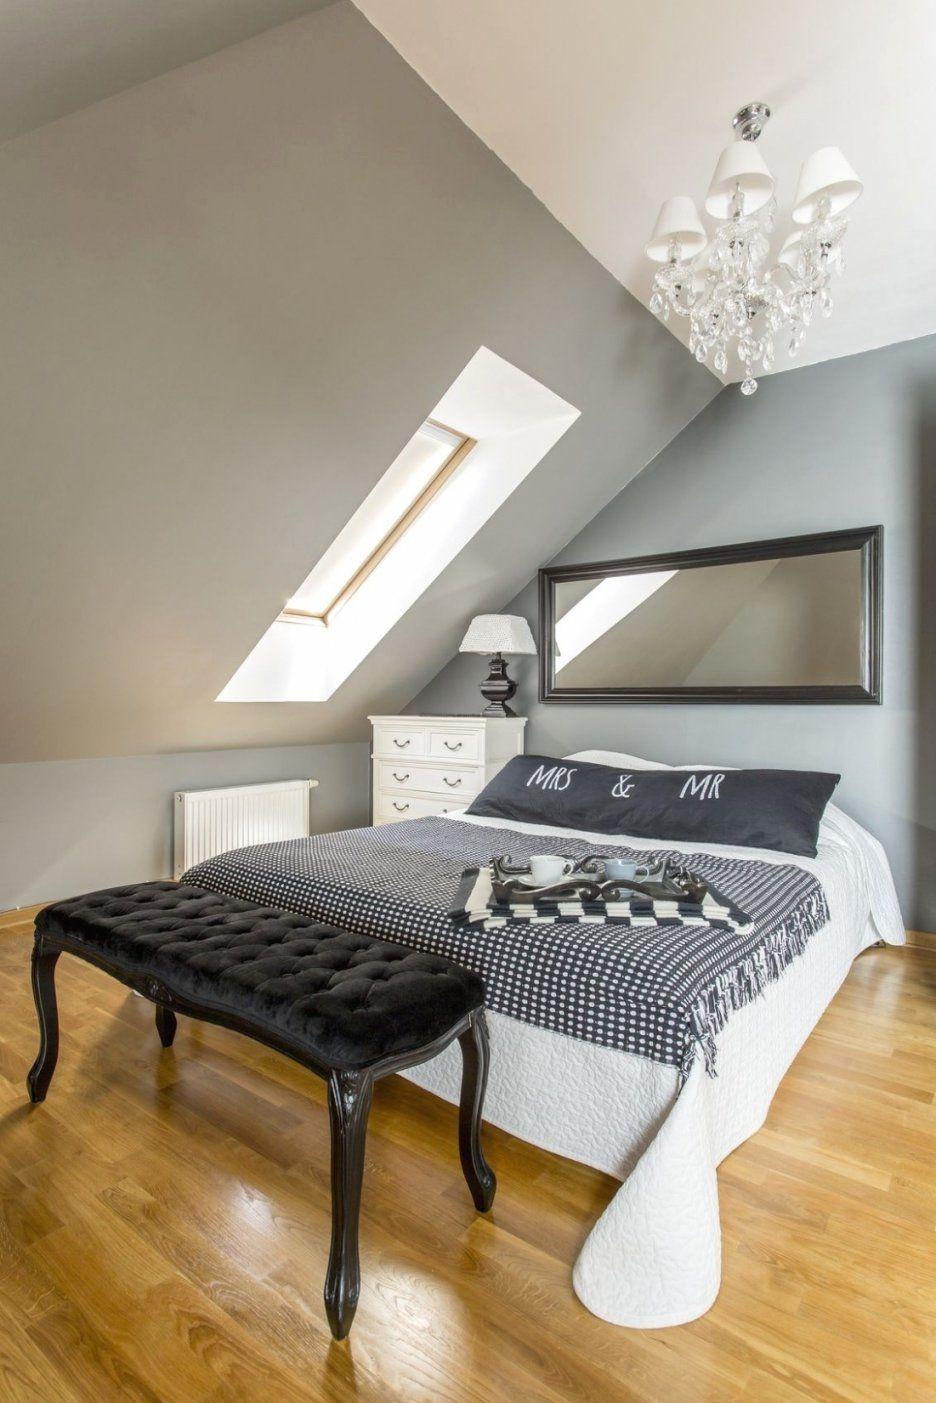 Verwunderlich Wandtattoo Dachschräge Schne Ideen Wandtattoo von Wandtattoo Für Schräge Wände Bild